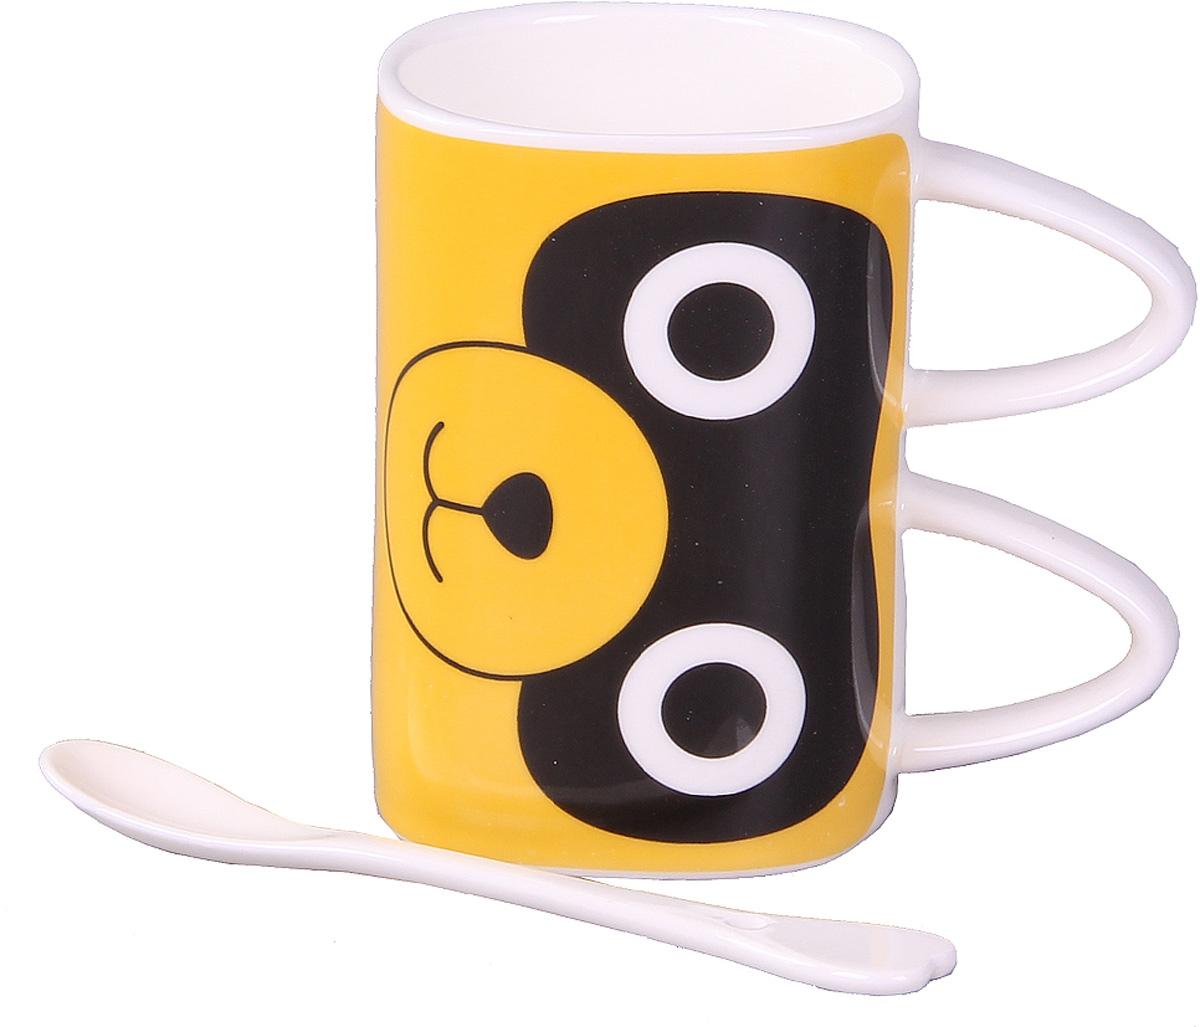 Кружка Patricia, с ложкой, 350 мл. IM99-0539/2IM99-0539/2Кружка выполнена из керамики высокого качества. Прекрасный подарок - ложка, поможет вам с легкостью размешать любимый напиток